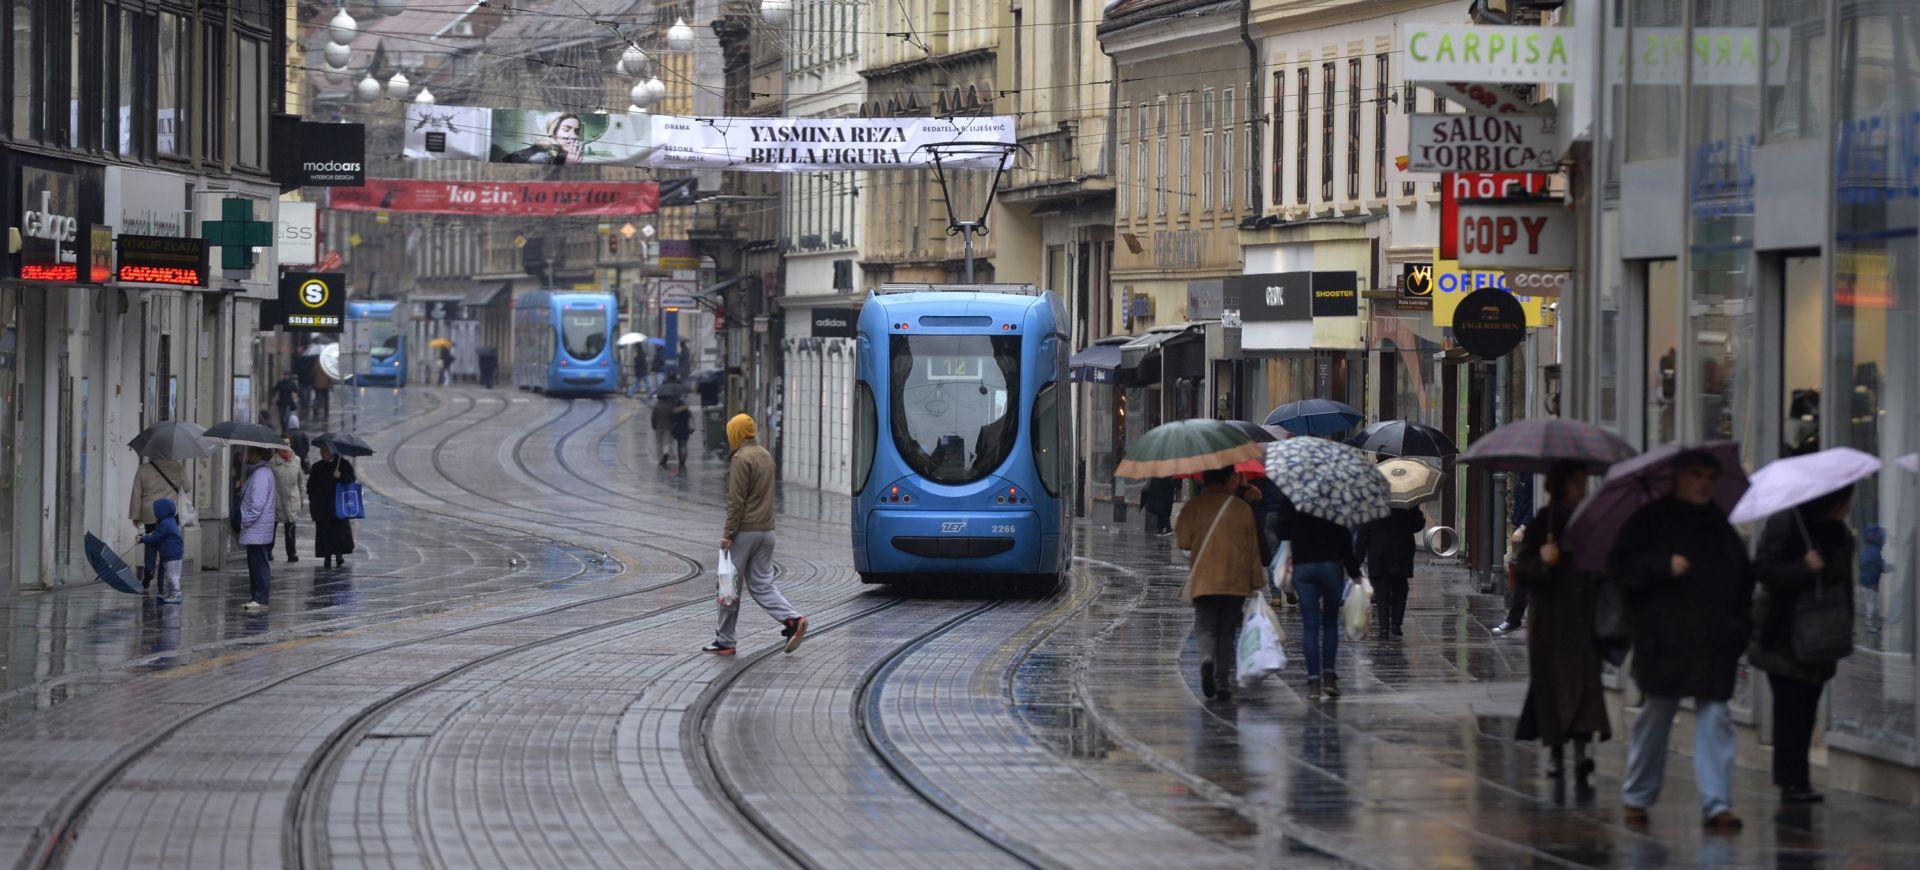 POVREMENA KIŠA, U GORJU SNIJEG U Dalmaciji mogući pljuskovi s grmljavinom